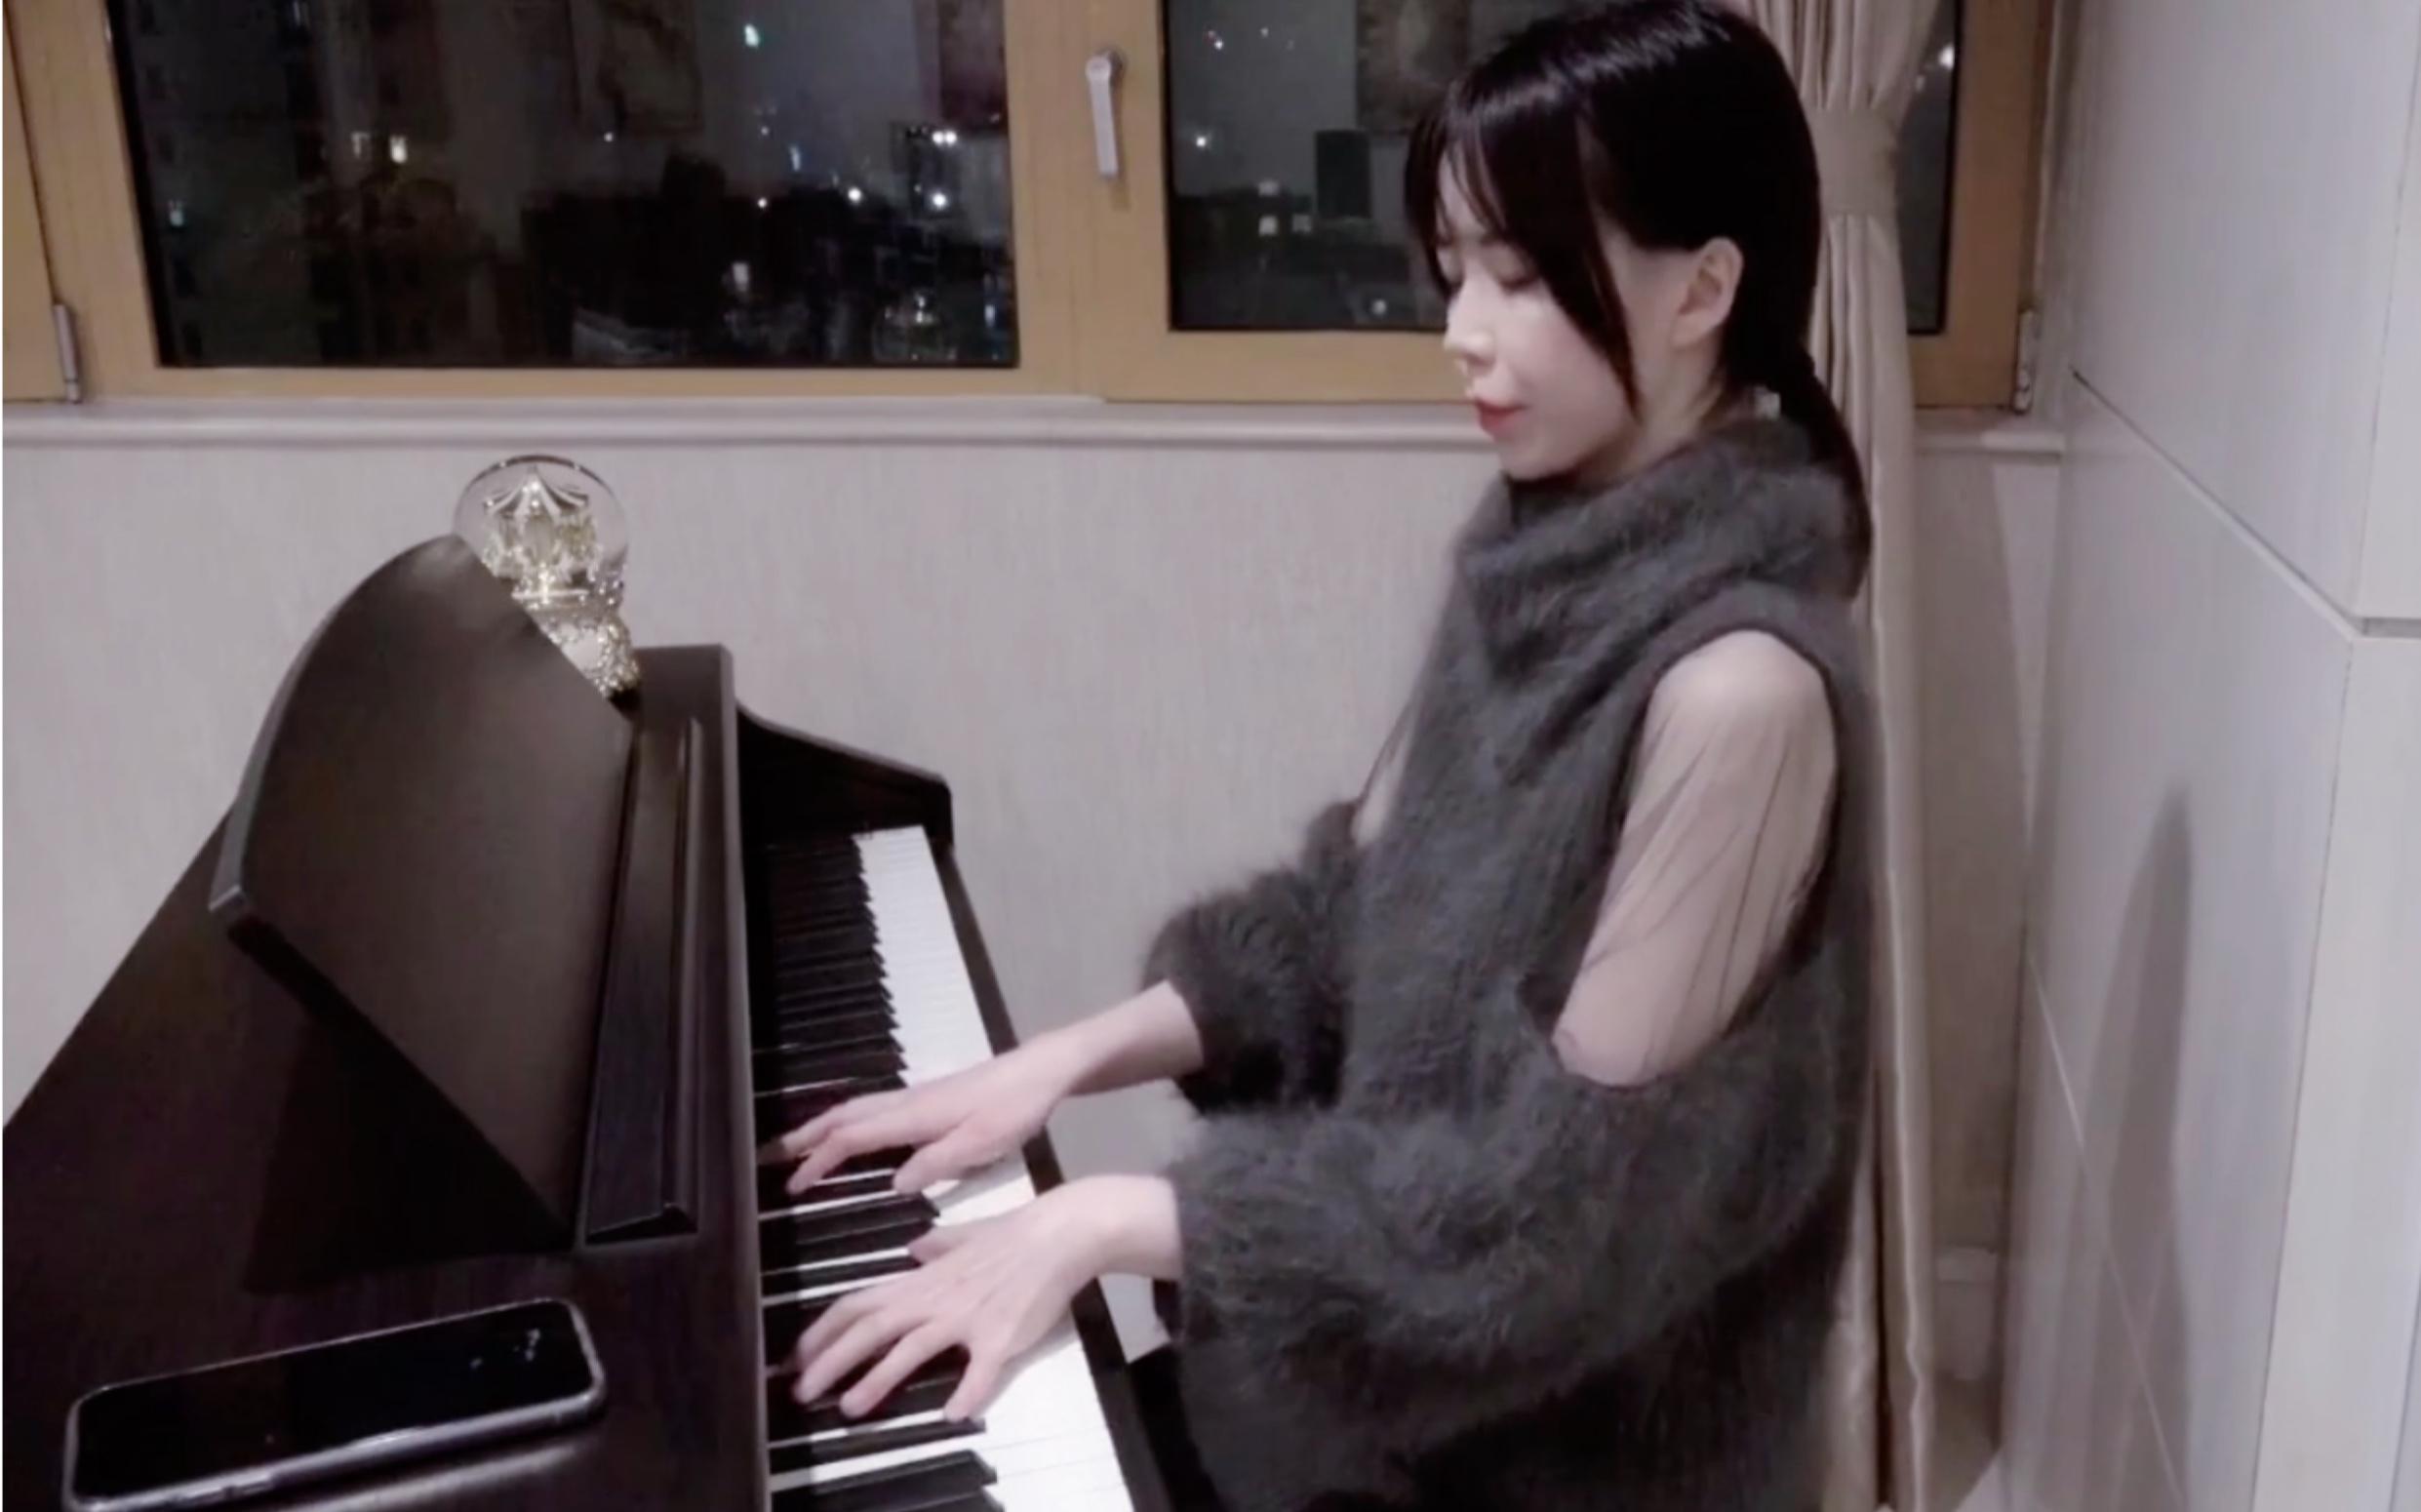 《一幕情深》長笛鋼琴一人演奏版 戀與制作人BGM(結尾包含許墨彩蛋)_嗶哩嗶哩 (゜-゜)つロ 干杯~-bilibili